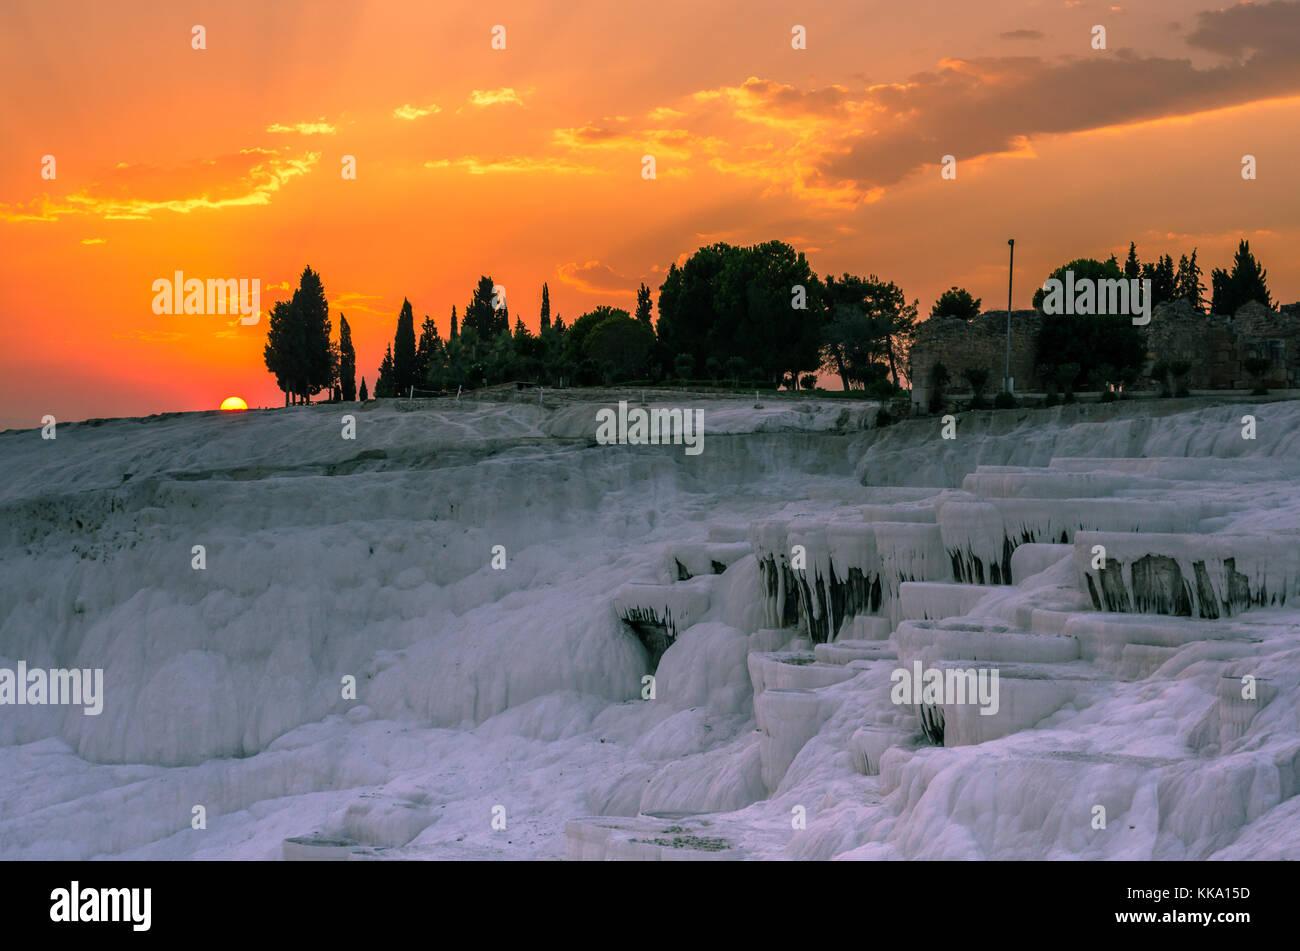 Dramatic sunset over Pamukkale, Turkey - Stock Image